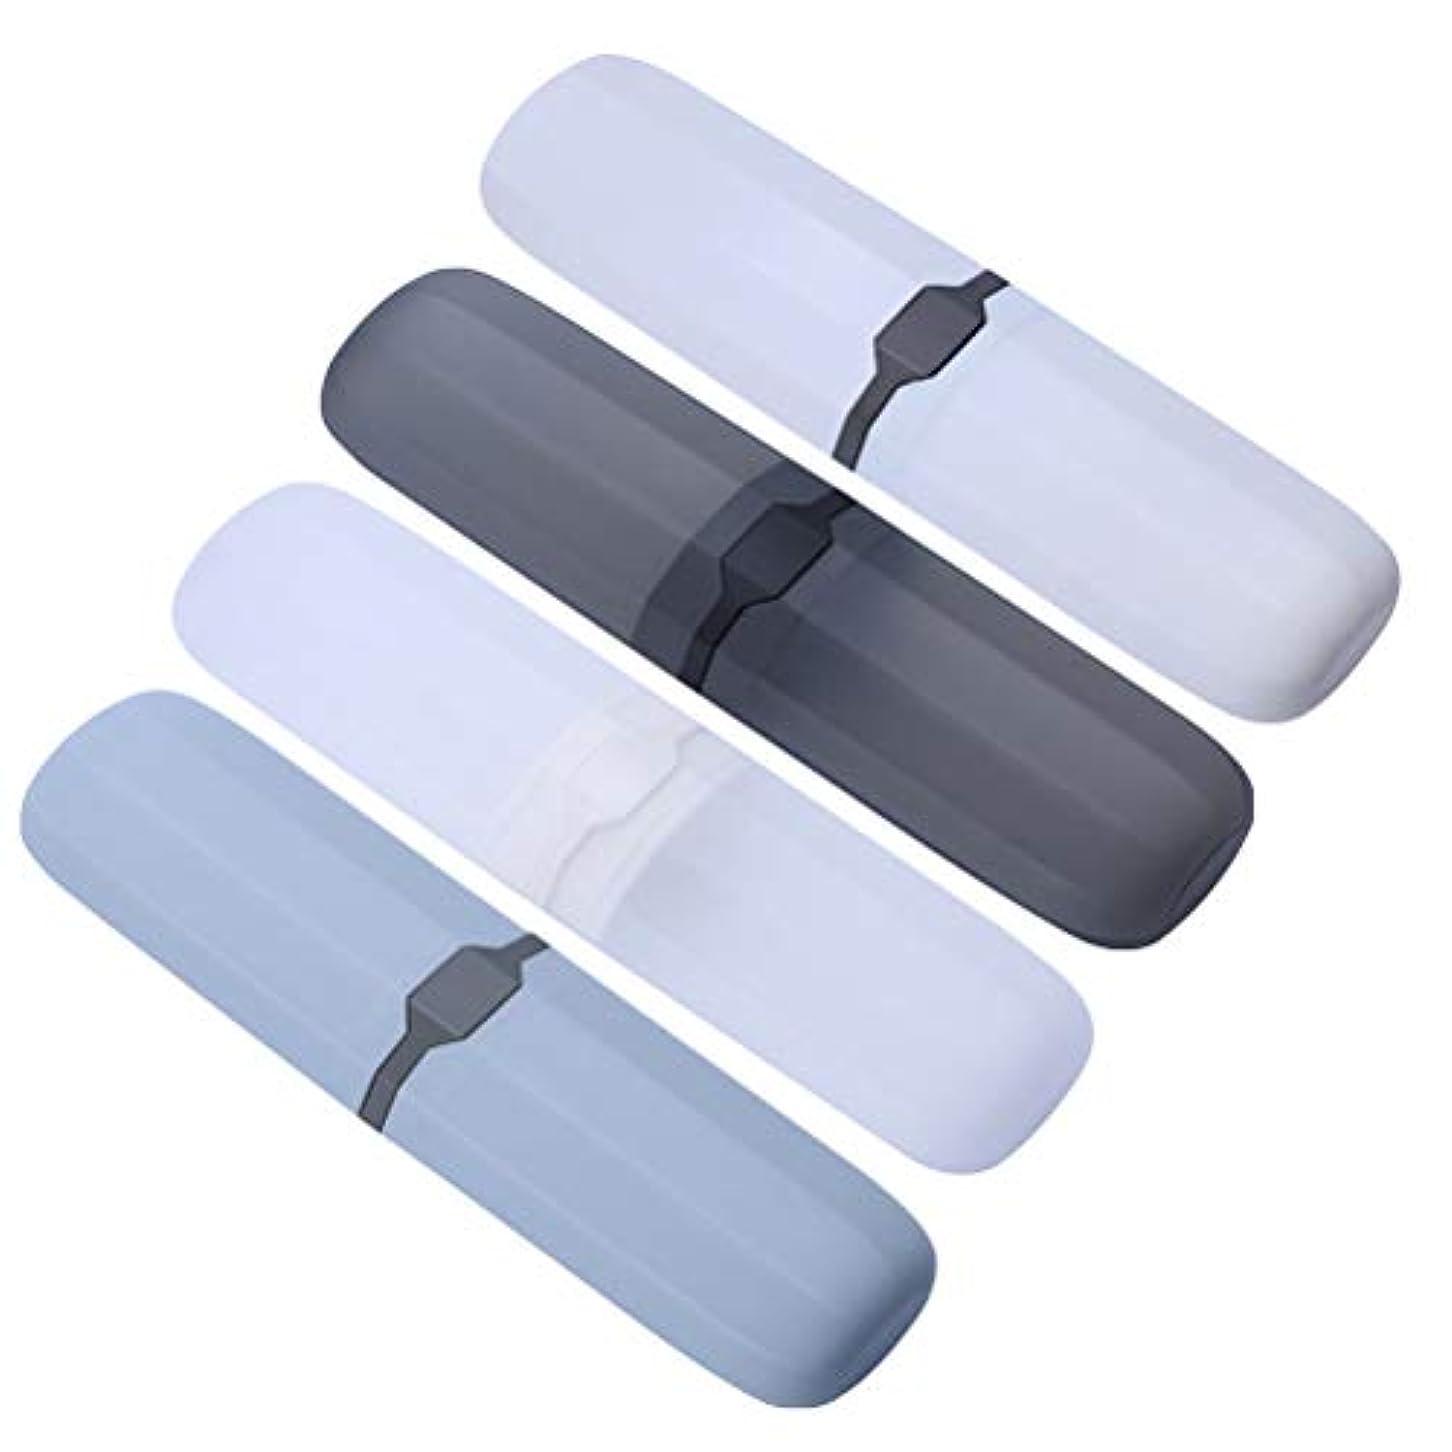 忘れっぽいパッケージ救いSUPVOX 4本歯ブラシホルダープラスチック歯ブラシ収納ケースオーガナイザービン